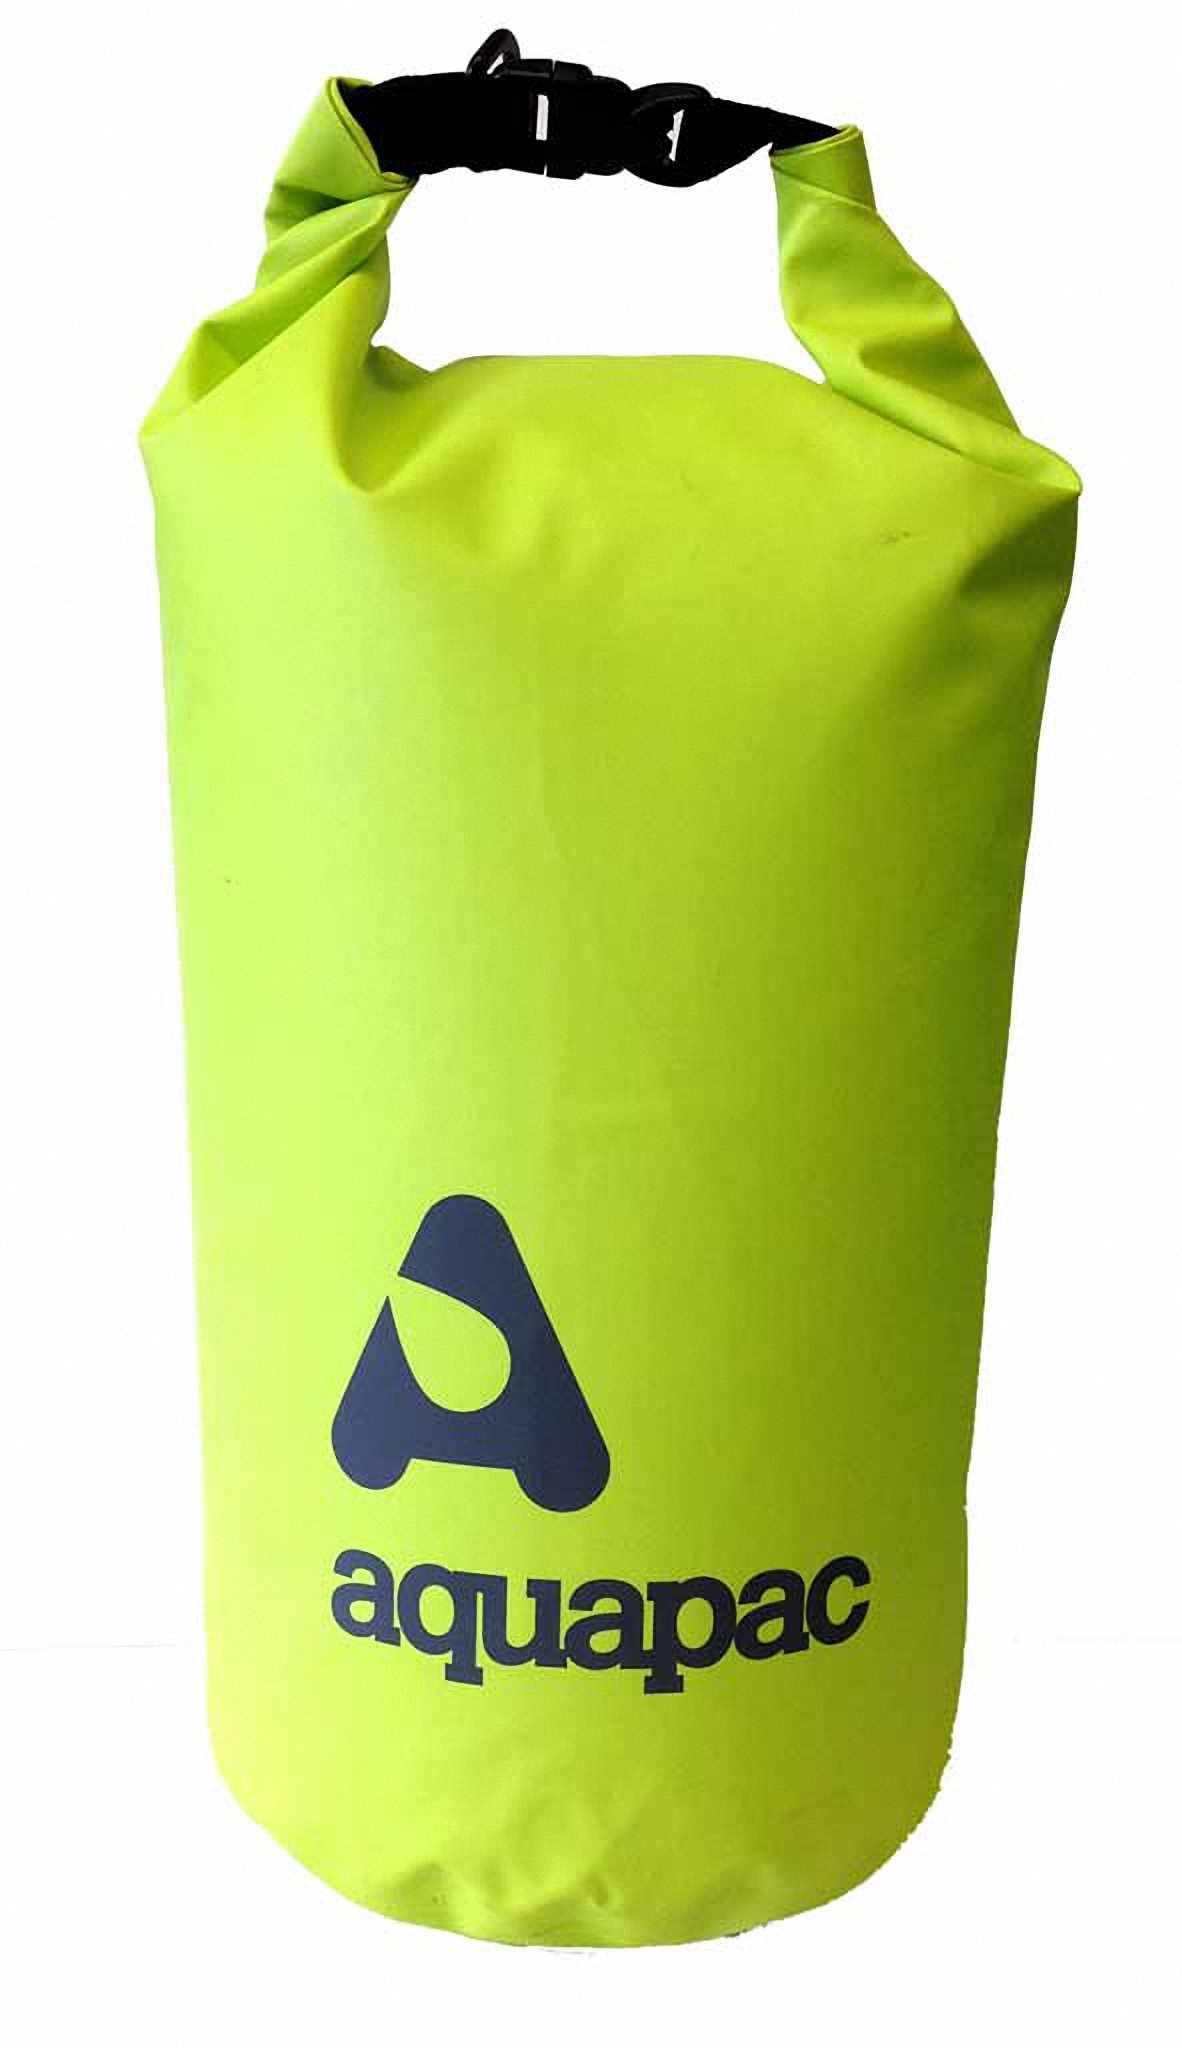 Водонепроницаемый гермомешок Aquapac 715 - TrailProof  Drybags - 25L.. Aquapac - №1 в мире водонепроницаемых чехлов и сумок. Фото 1